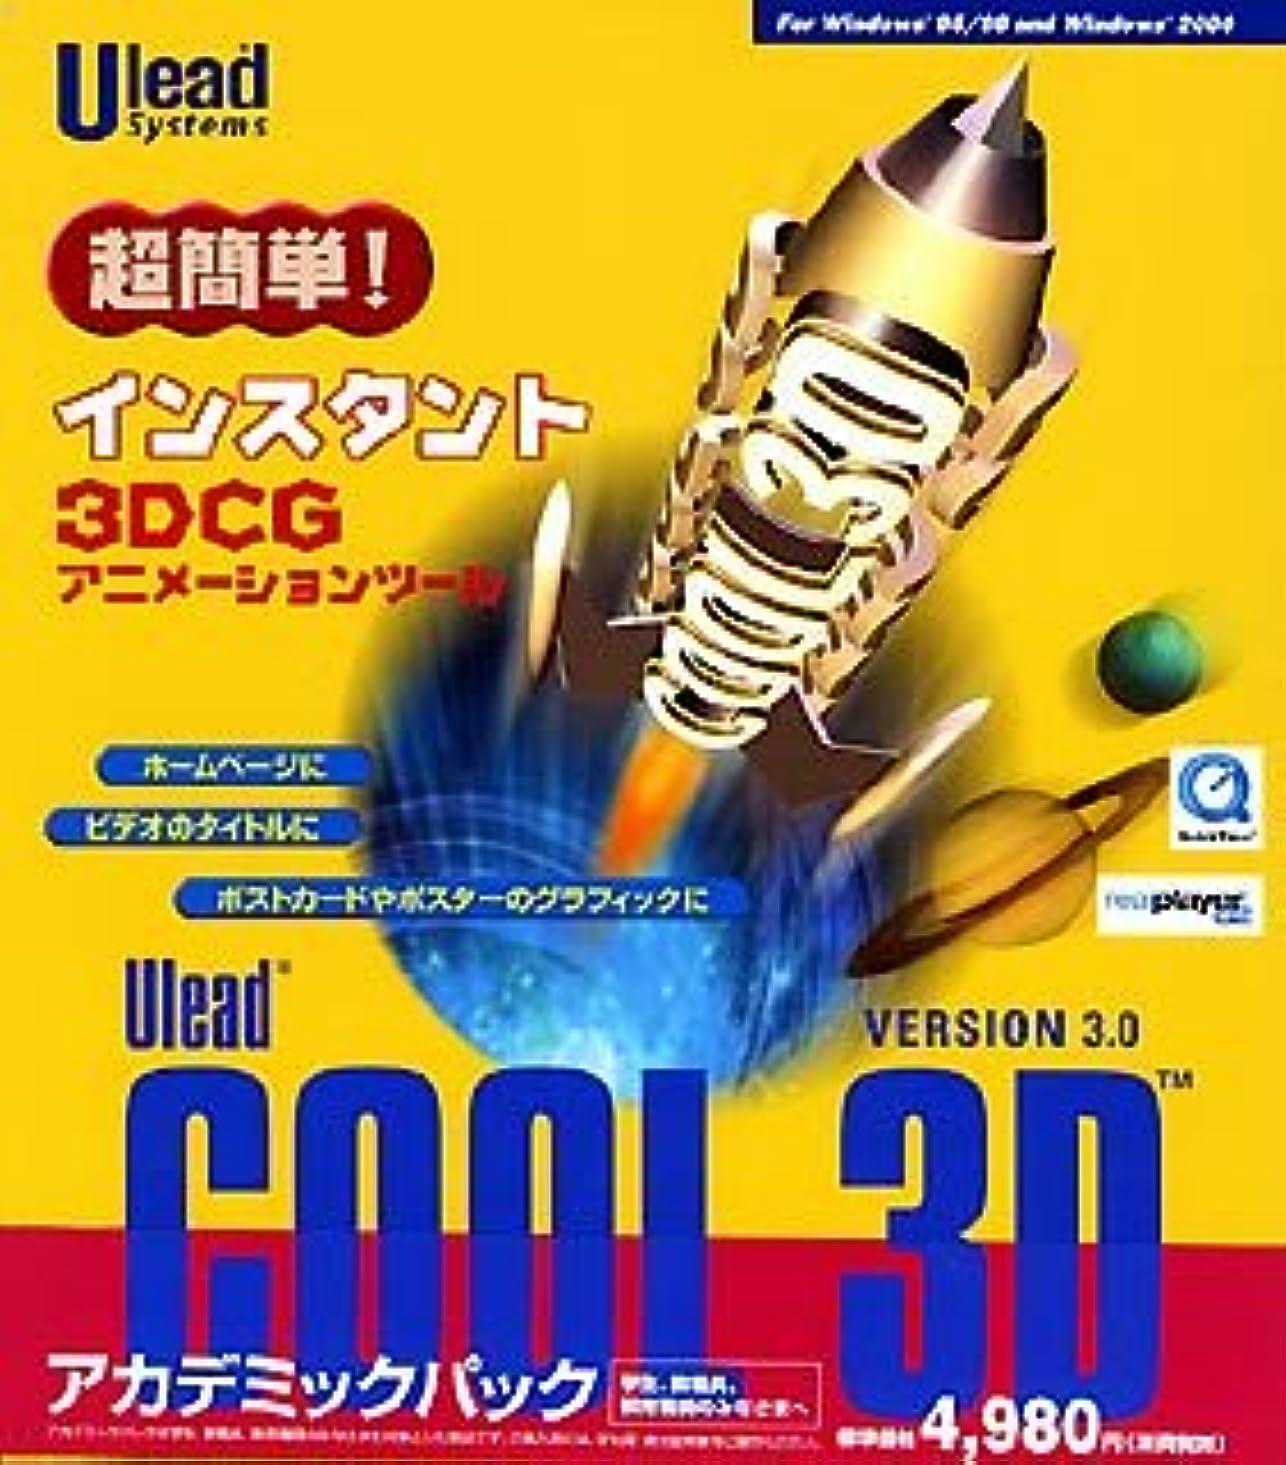 風邪をひく試す好奇心Ulead COOL 3D Version 3.0 アカデミックパック